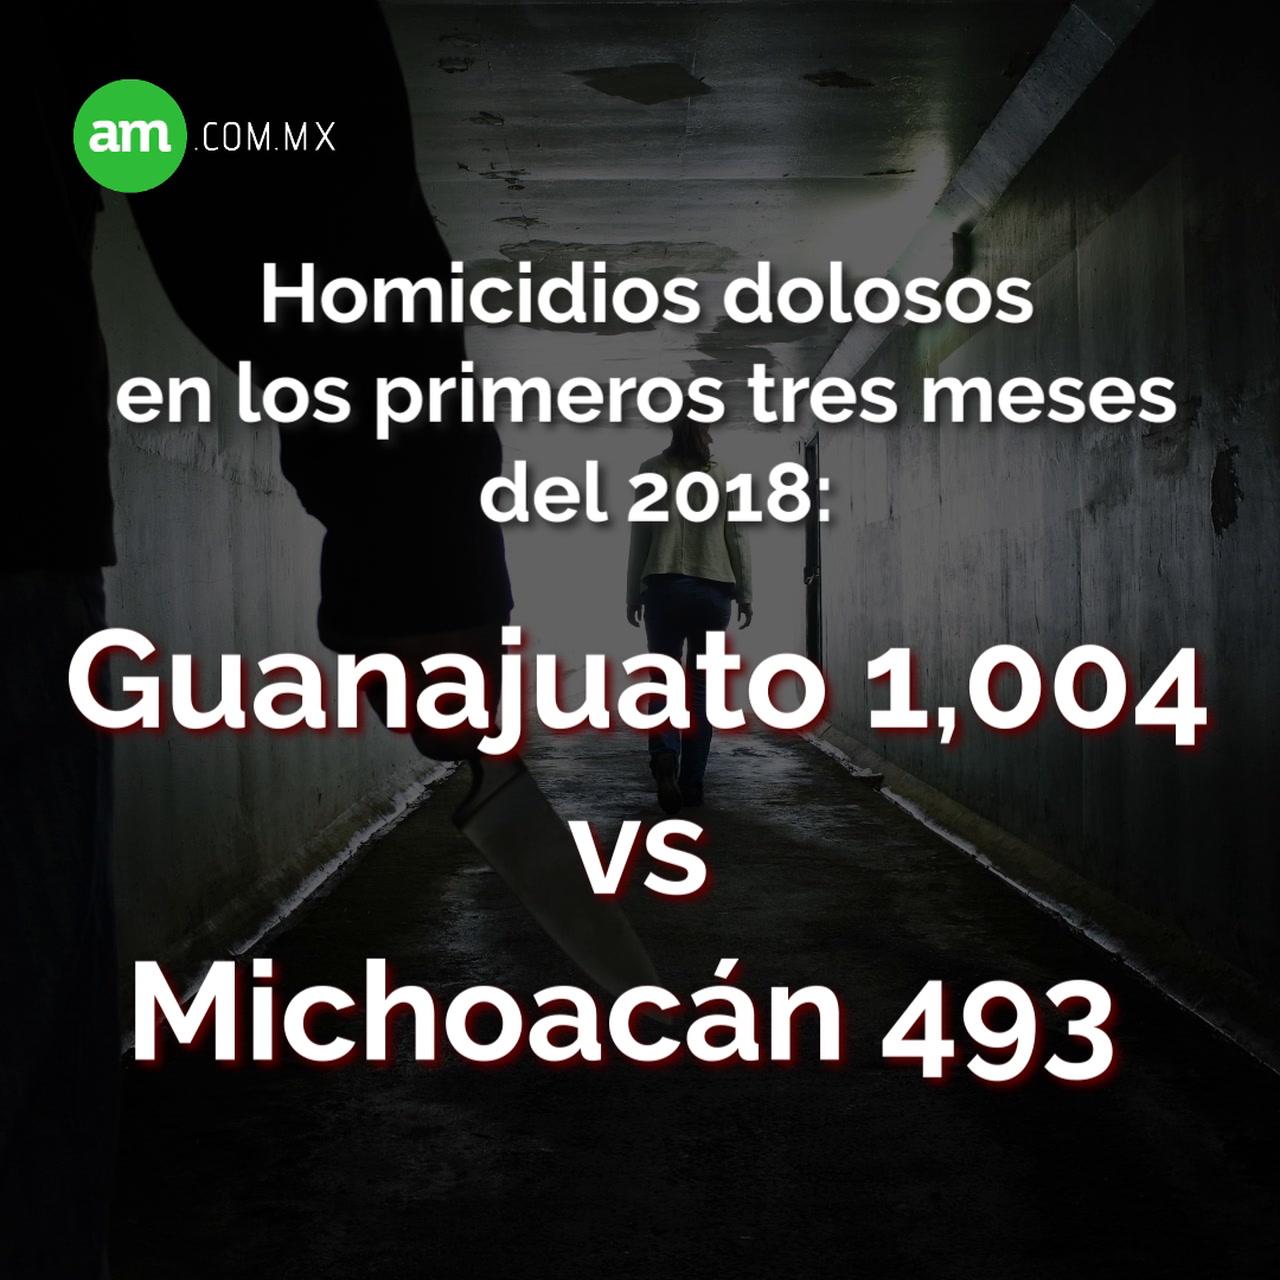 Video: Guanajuato es más violento que Michoacán